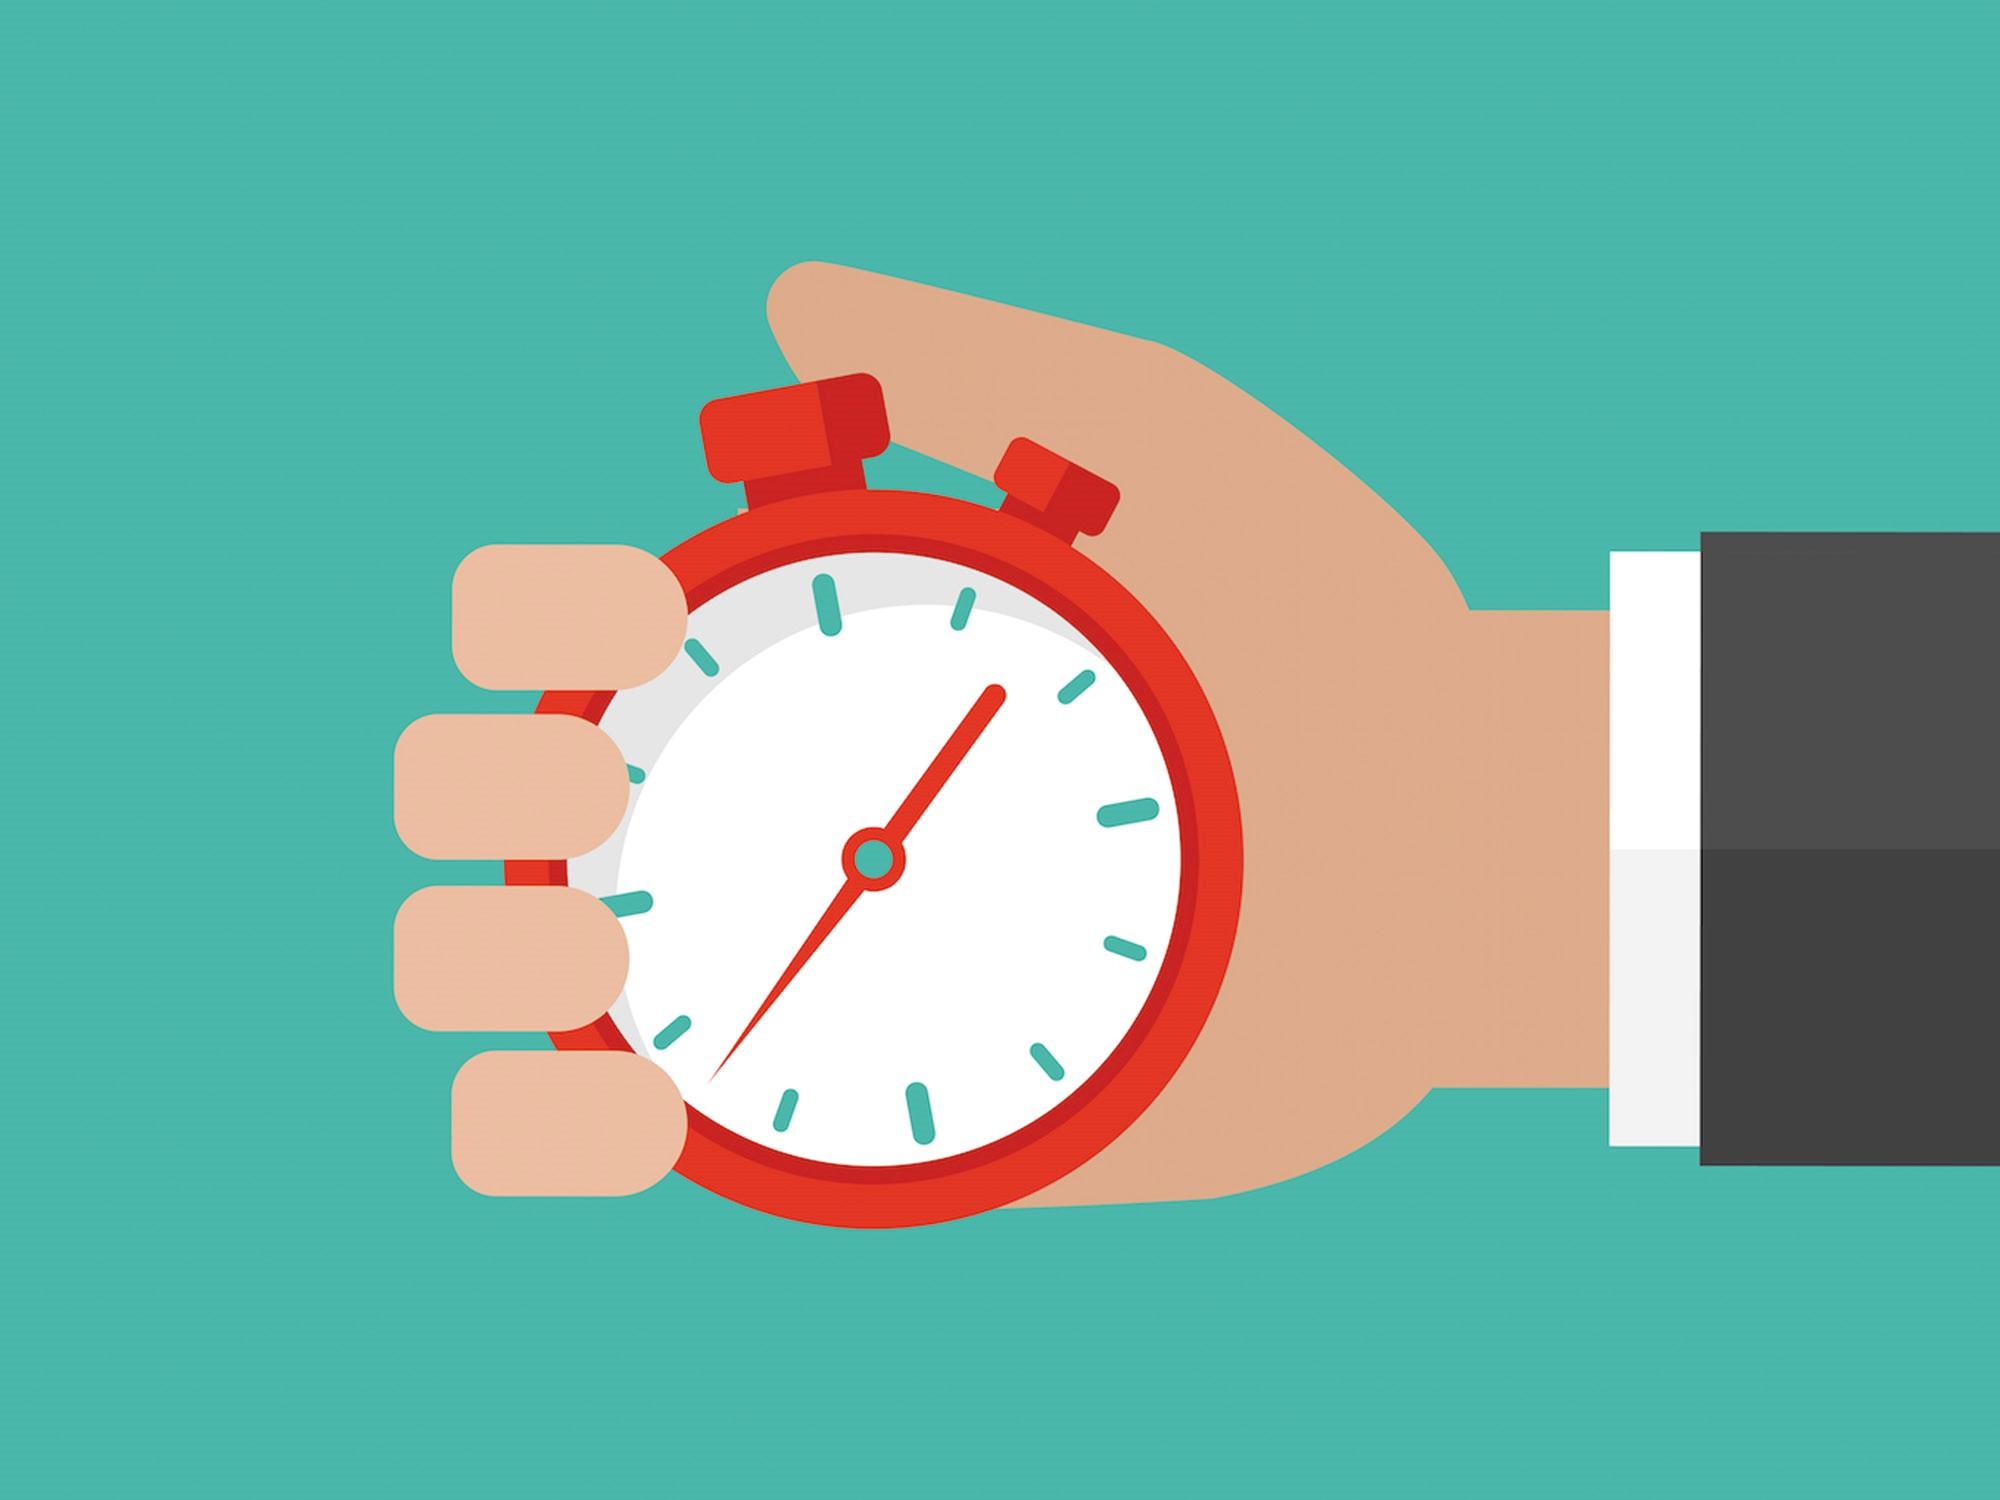 زمانبندی صحیح در Reading